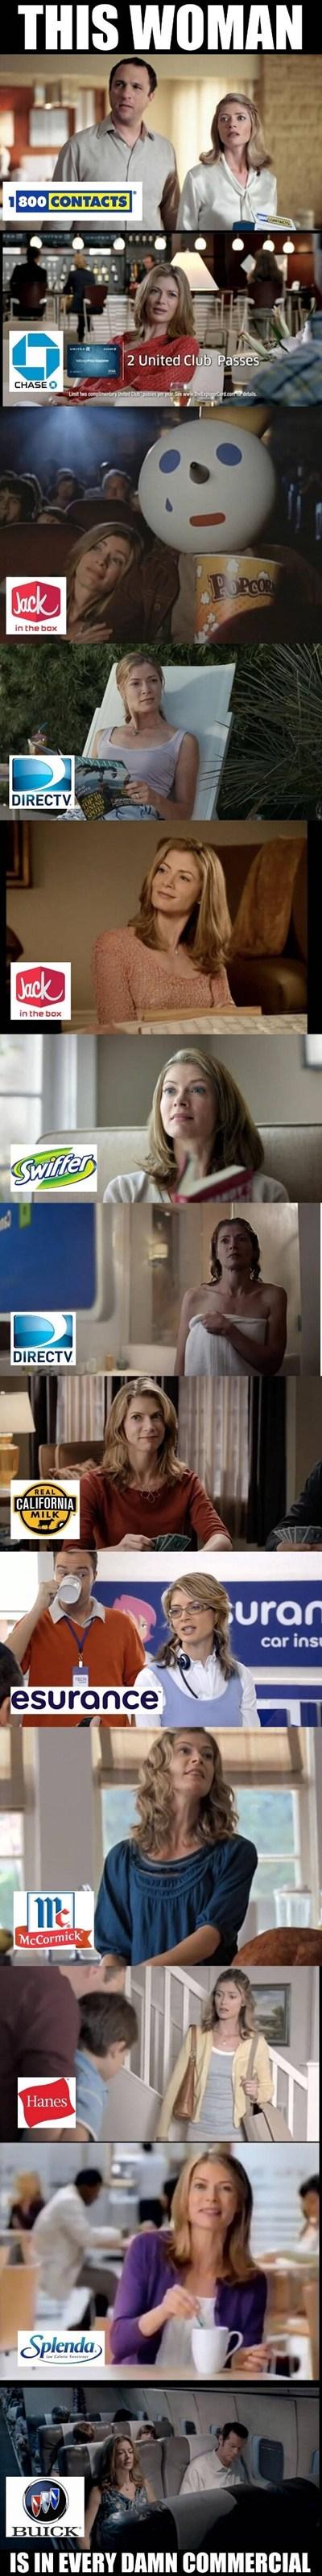 actresses commercials funny - 7534622464